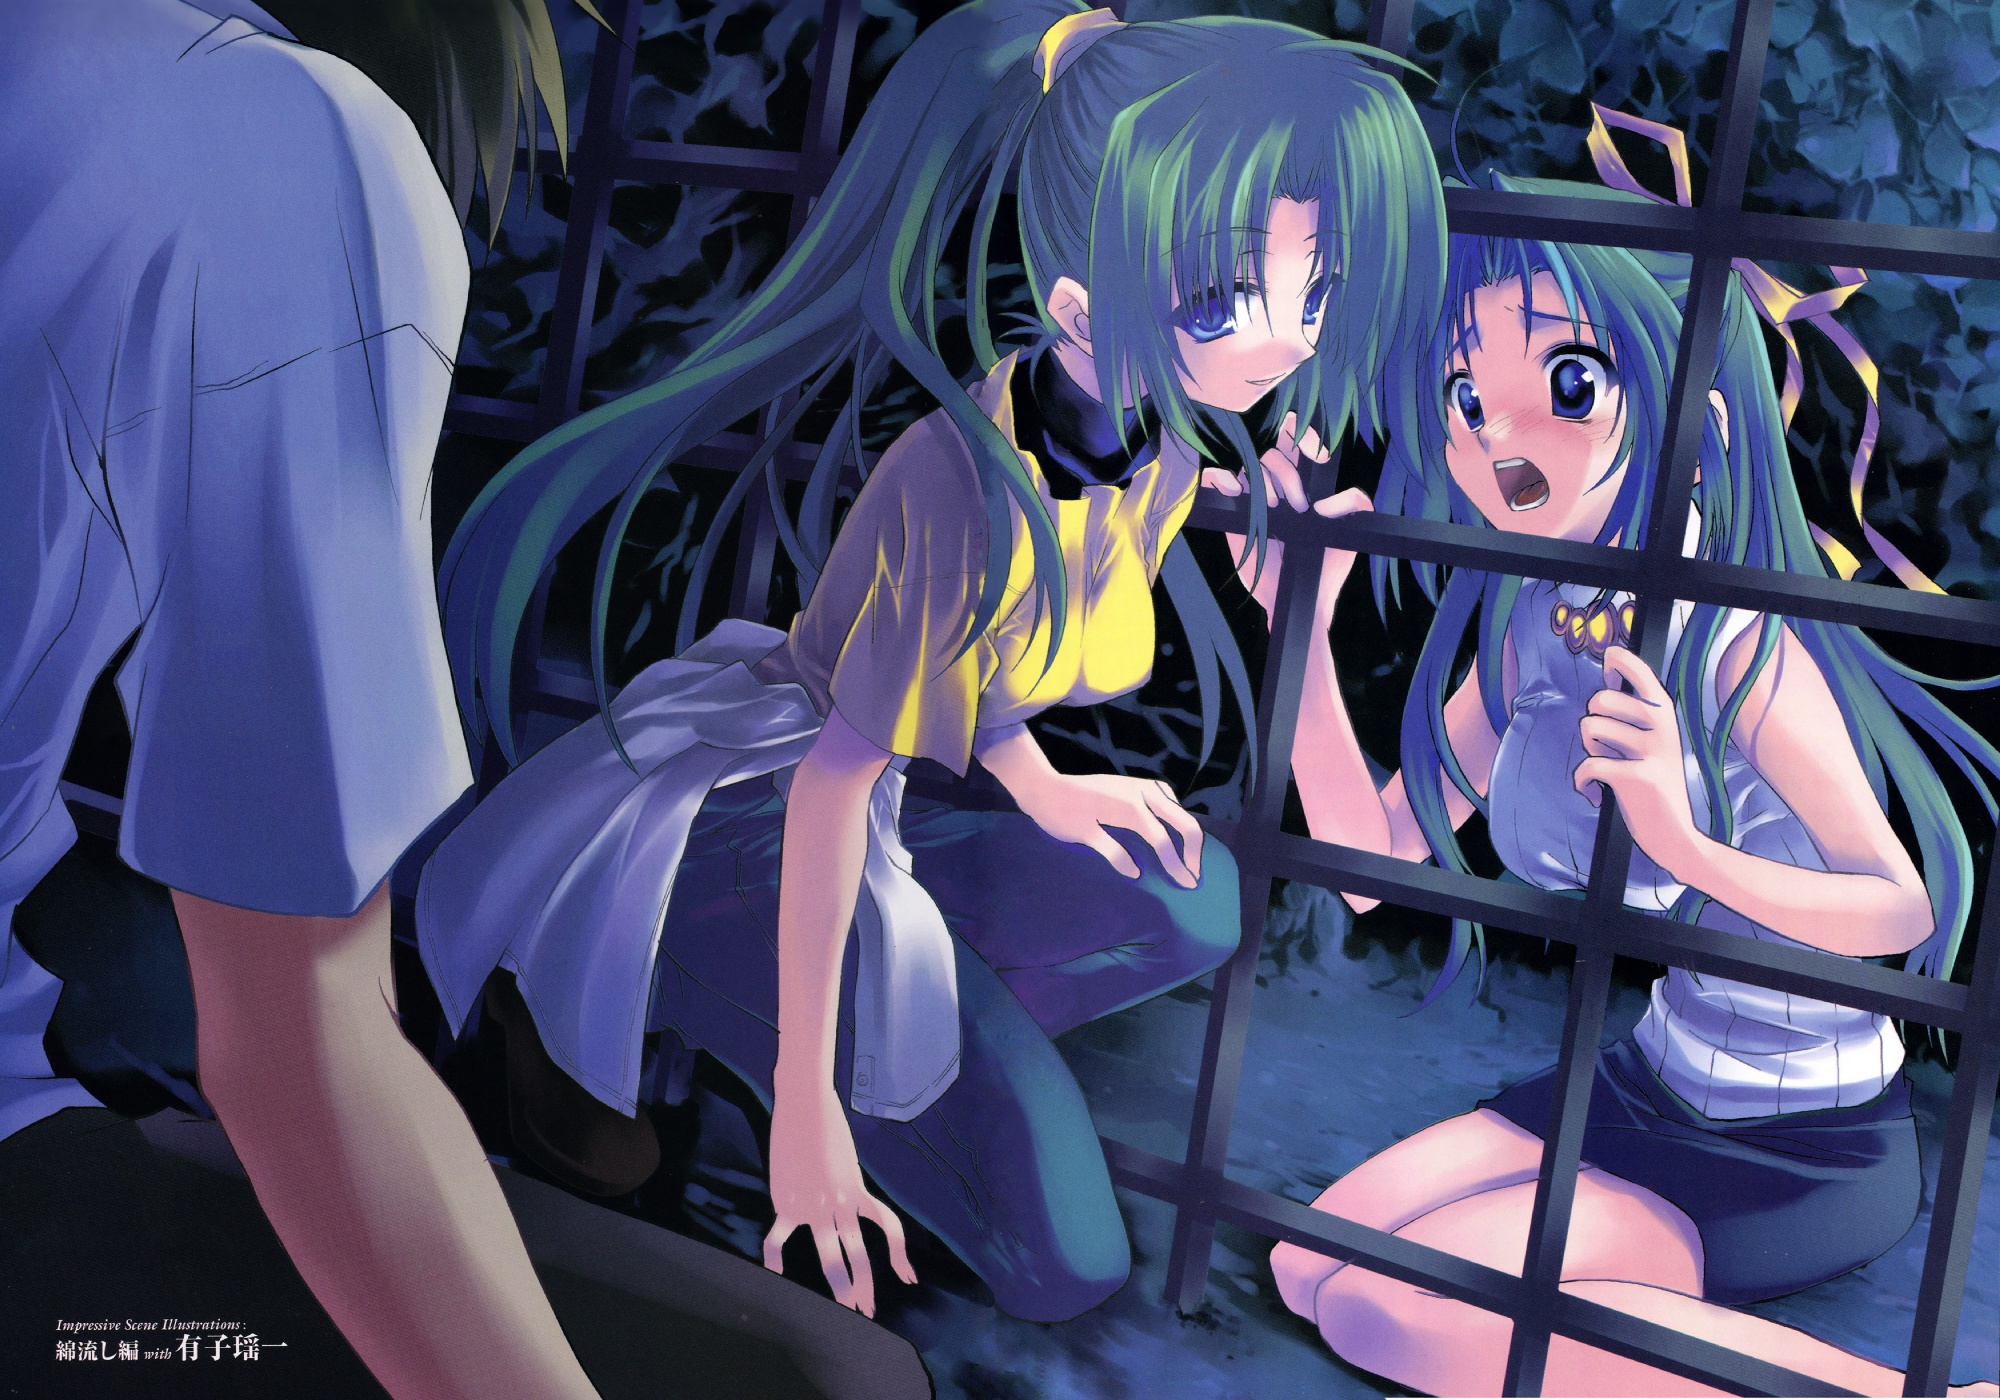 higurashi_no_naku_koro_ni maebara_keiichi sonozaki_mion sonozaki_shion twins